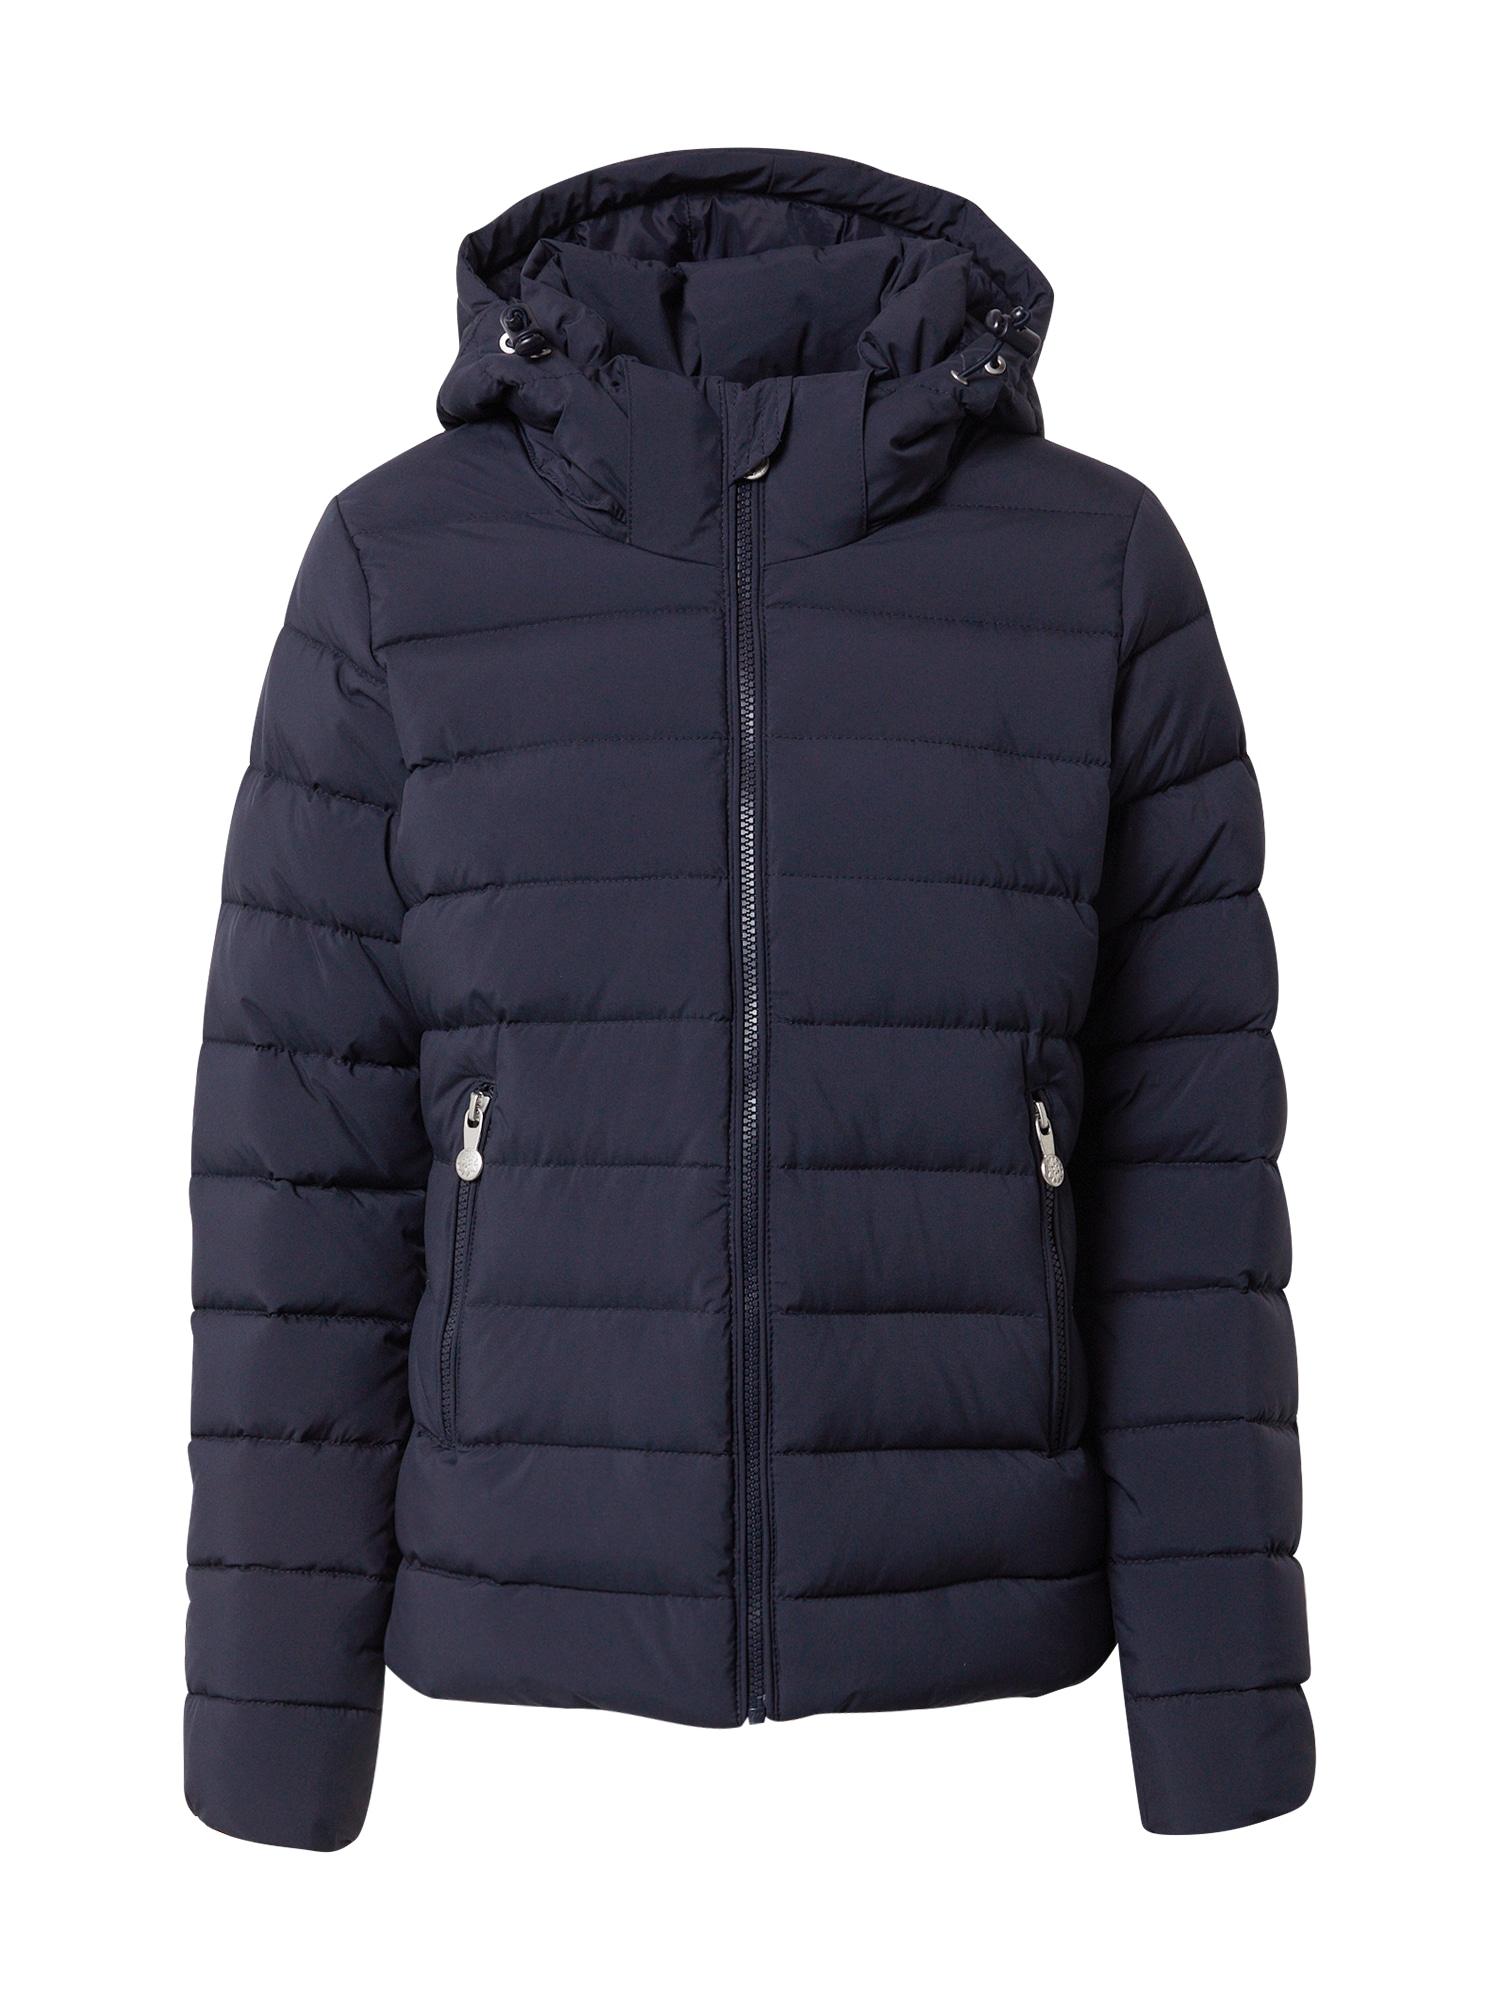 PYRENEX Žieminė striukė 'SPOUTNIC' tamsiai mėlyna